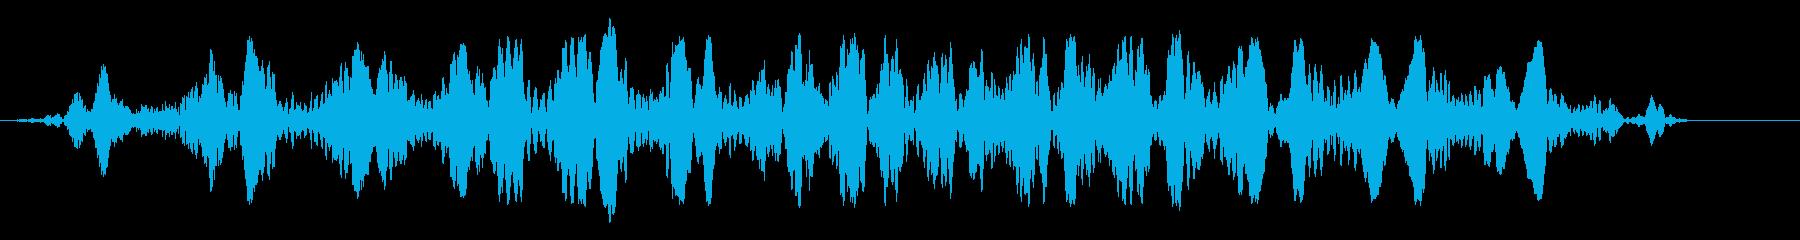 丸みのあるコミカルな飛行音・水中の音の再生済みの波形